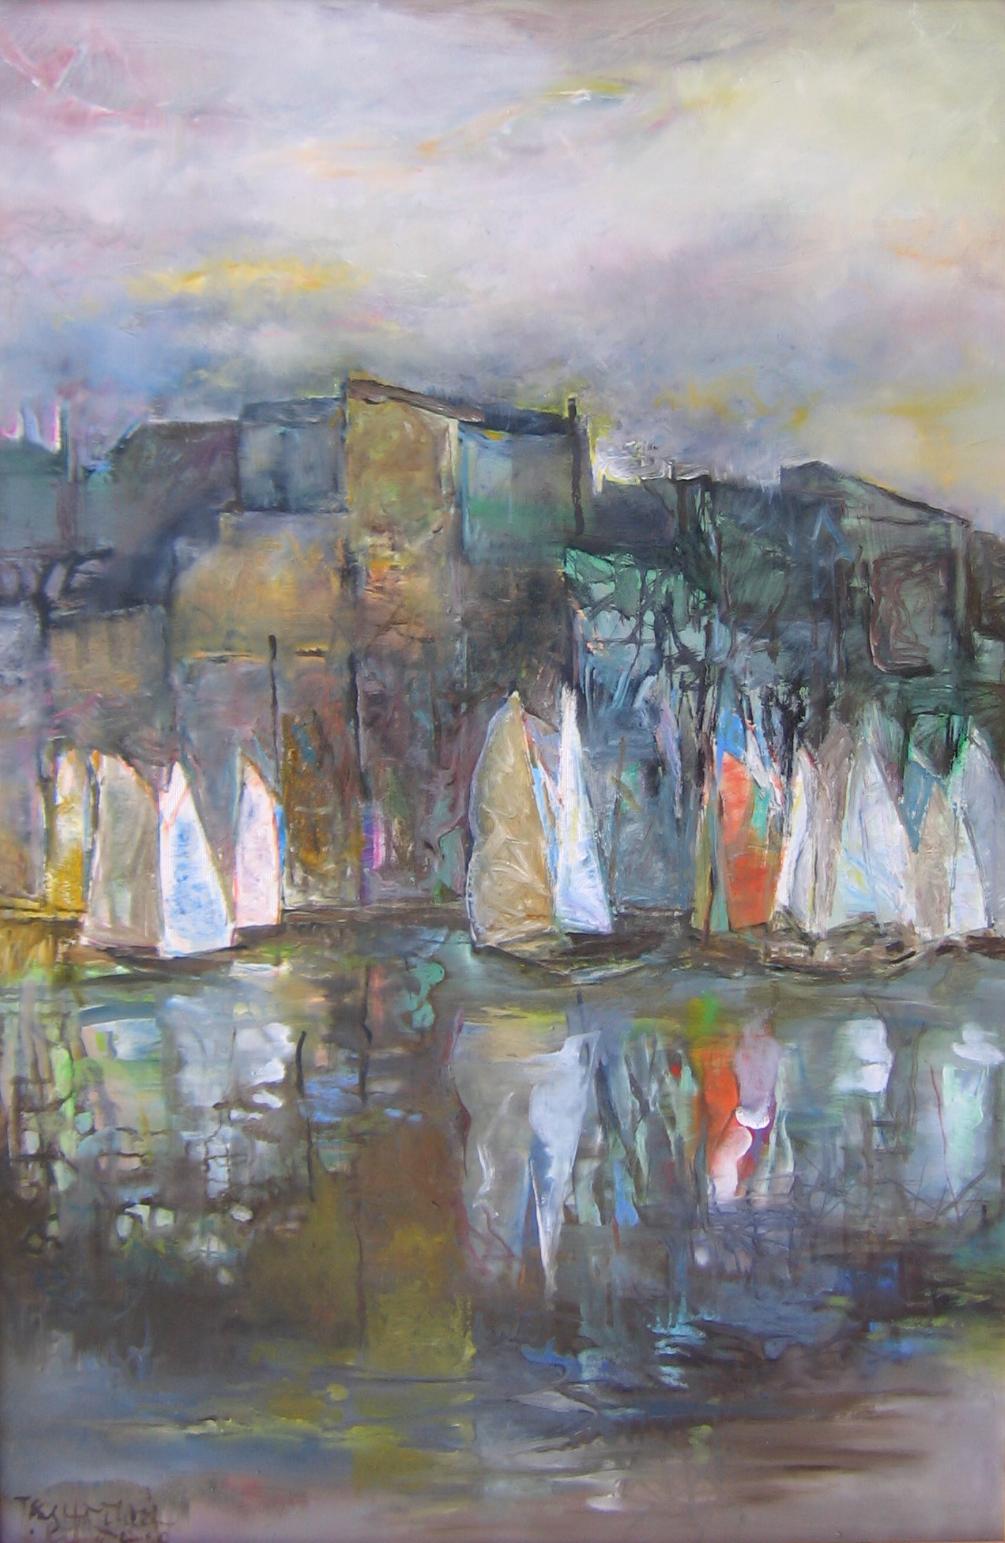 Sails In The Street | Những Cánh Buồm Trong Phố